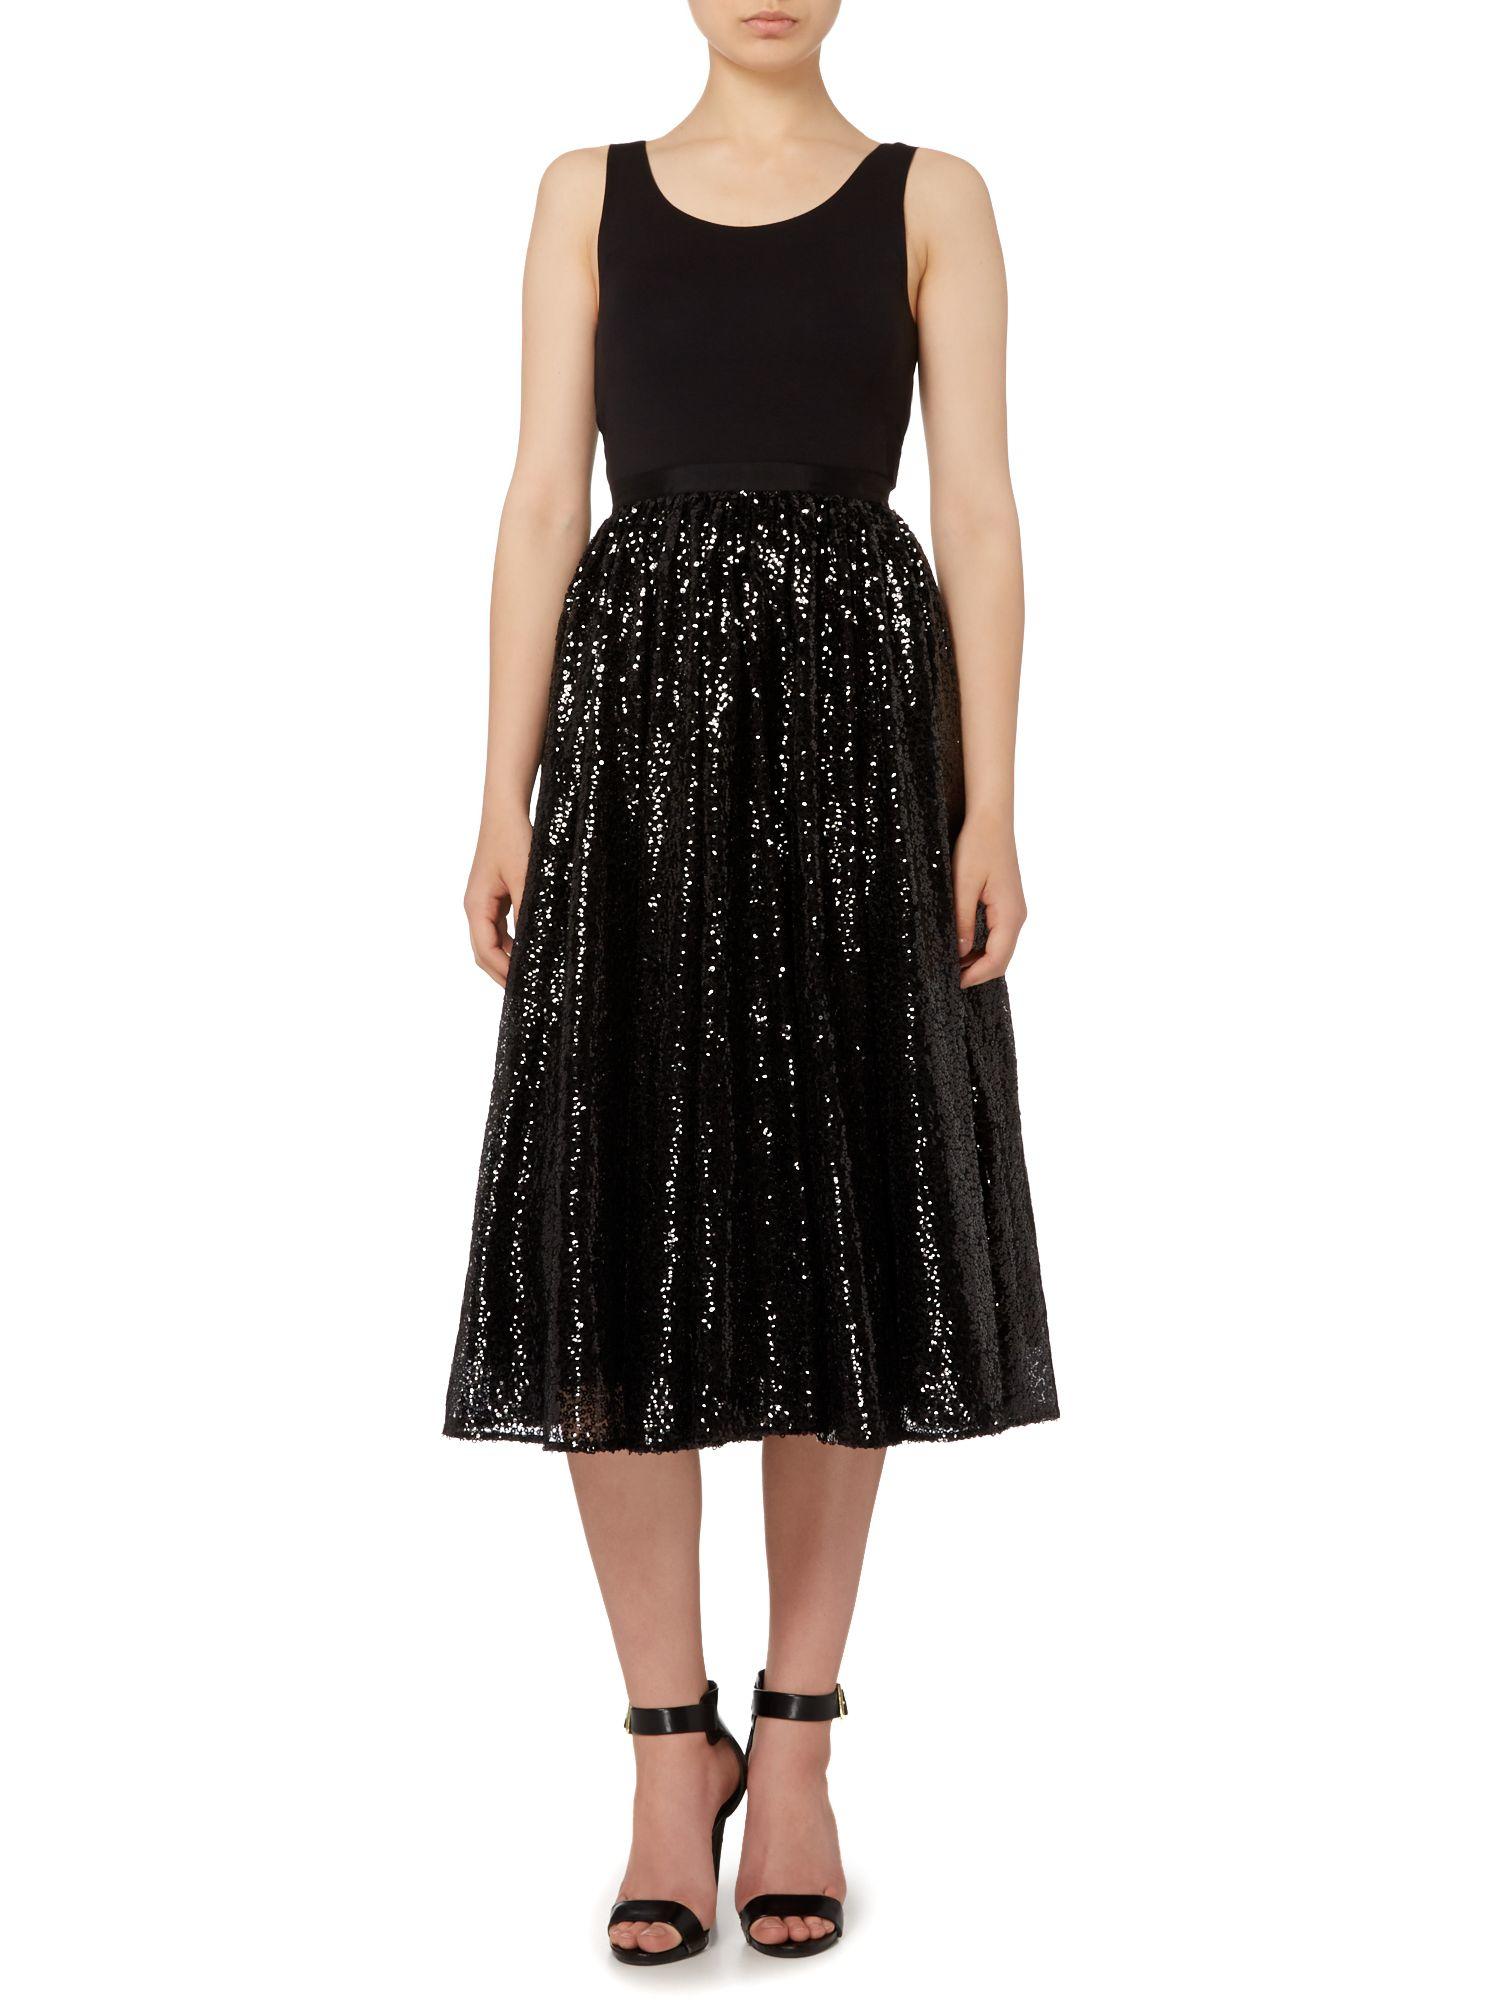 michael kors sequin midi skirt in black lyst